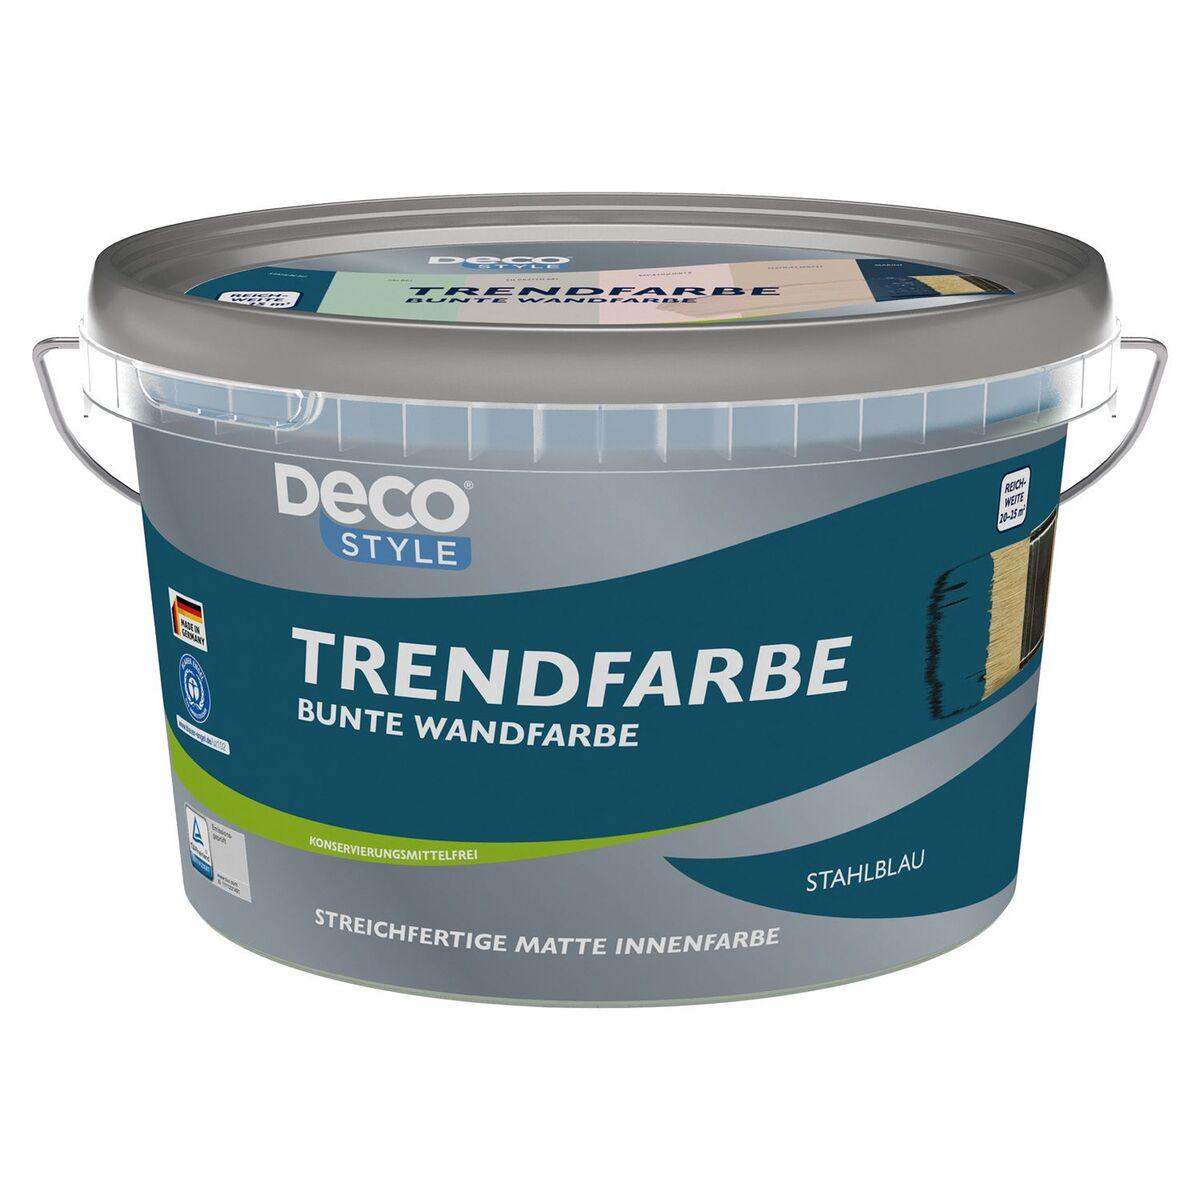 Bild 1 von DECO STYLE®  Trendfarbe 2,5 l